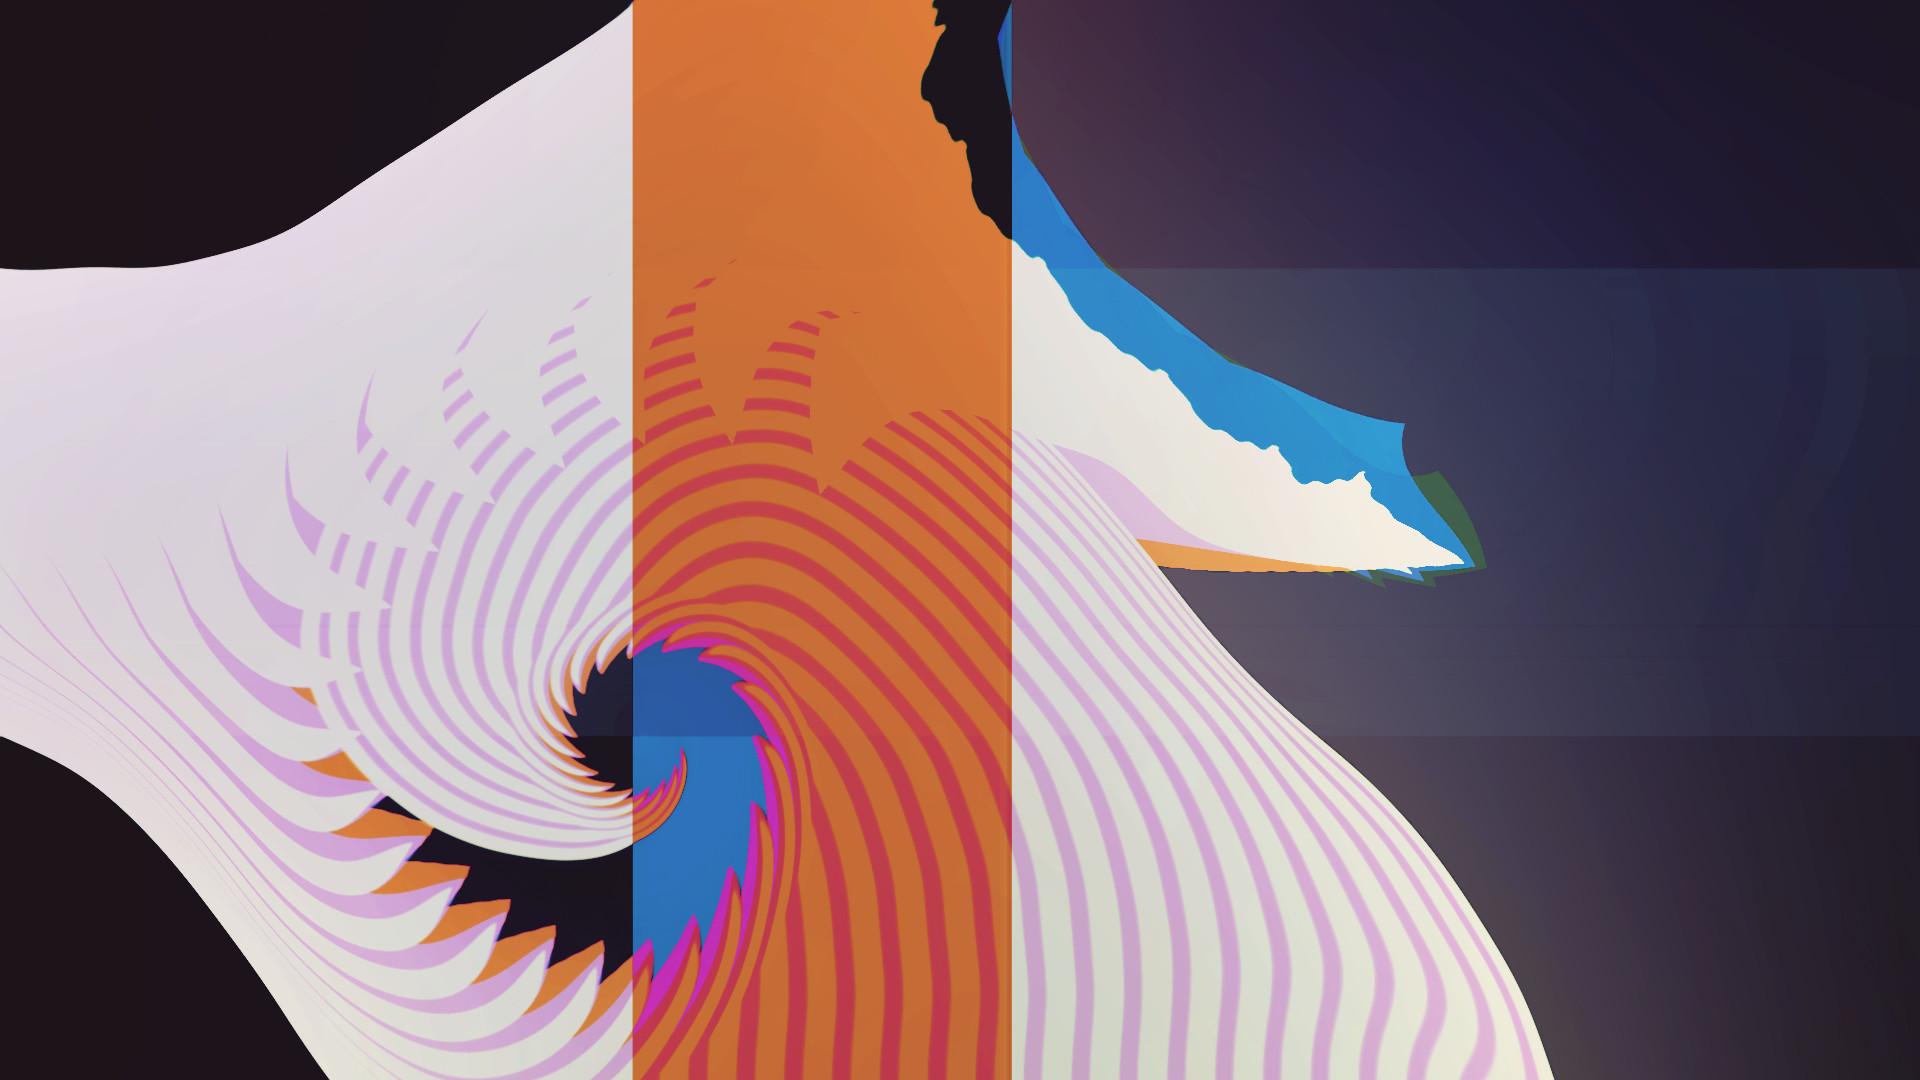 glitch Art, LSD, Abstract Wallpaper HD